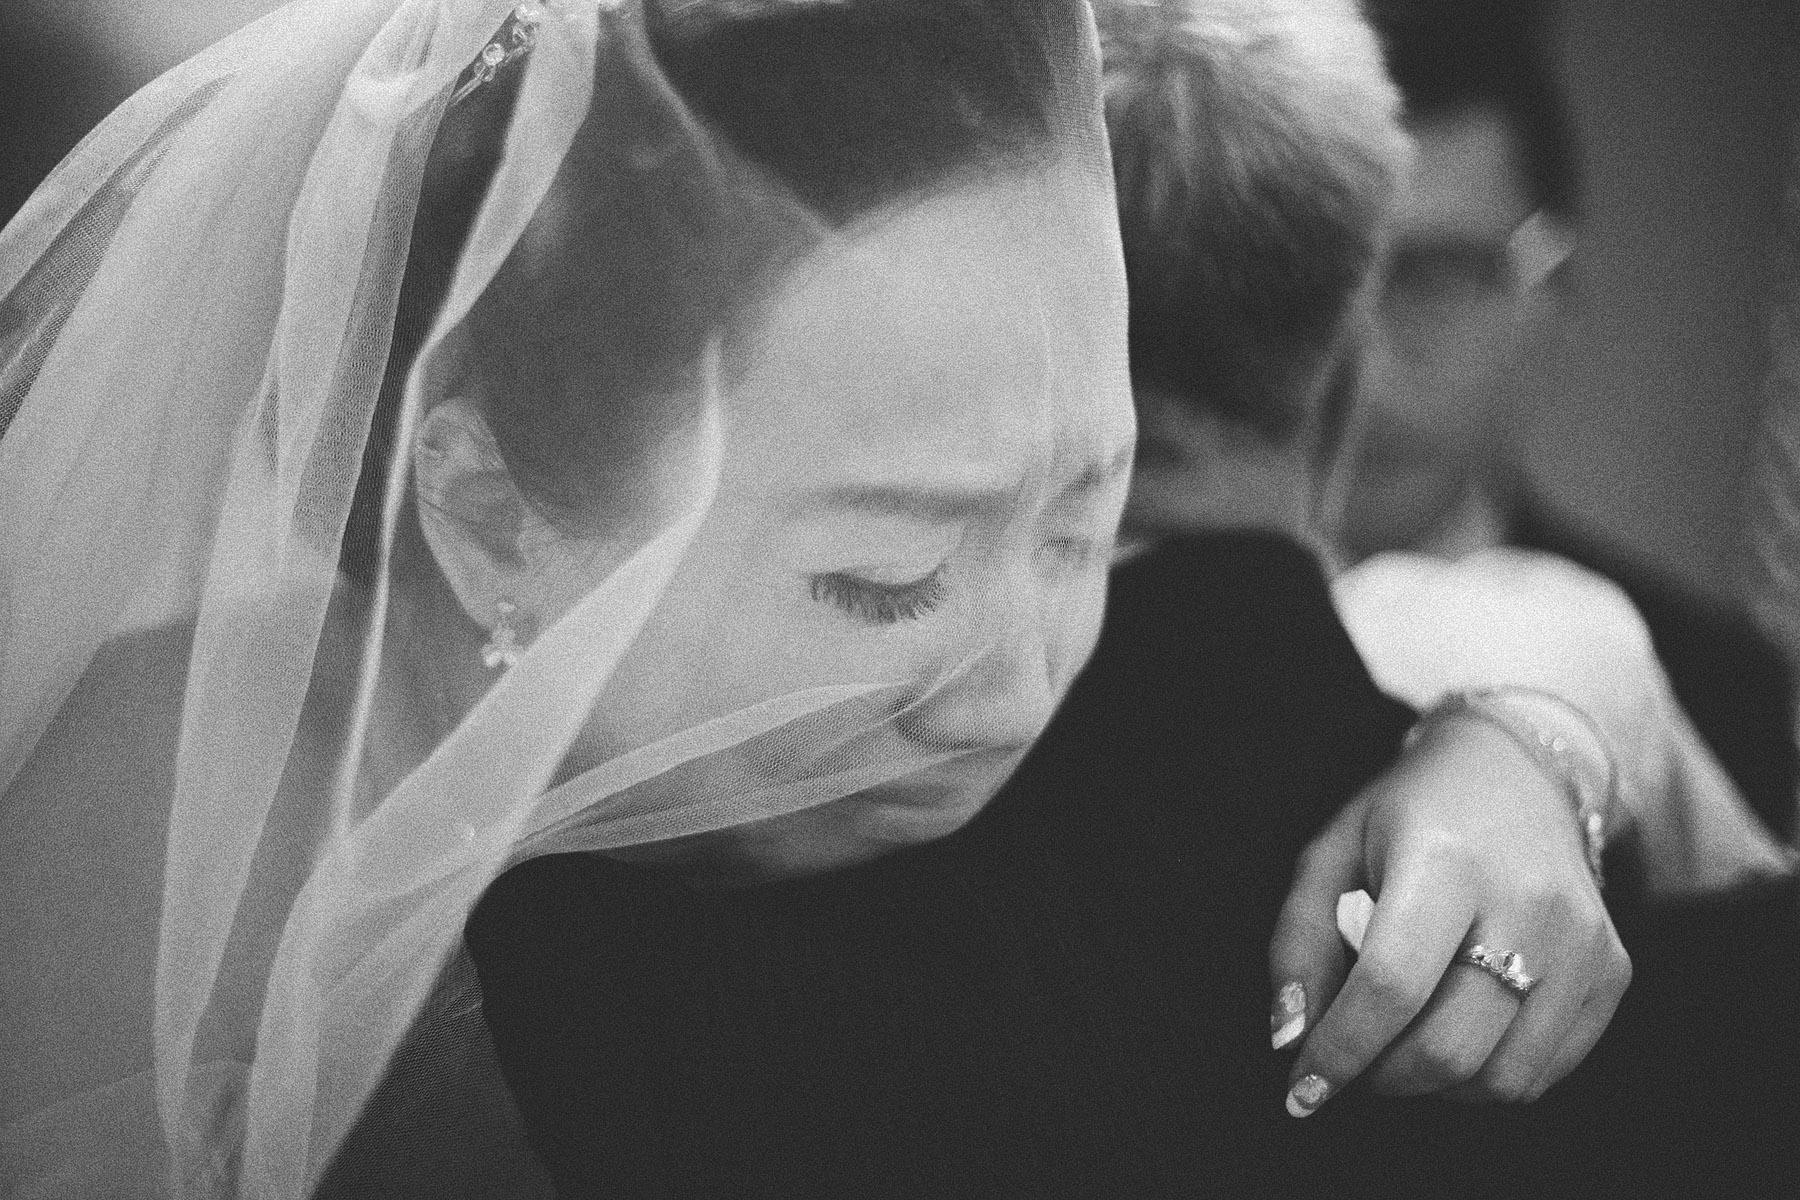 婚禮攝影-拜別哭泣